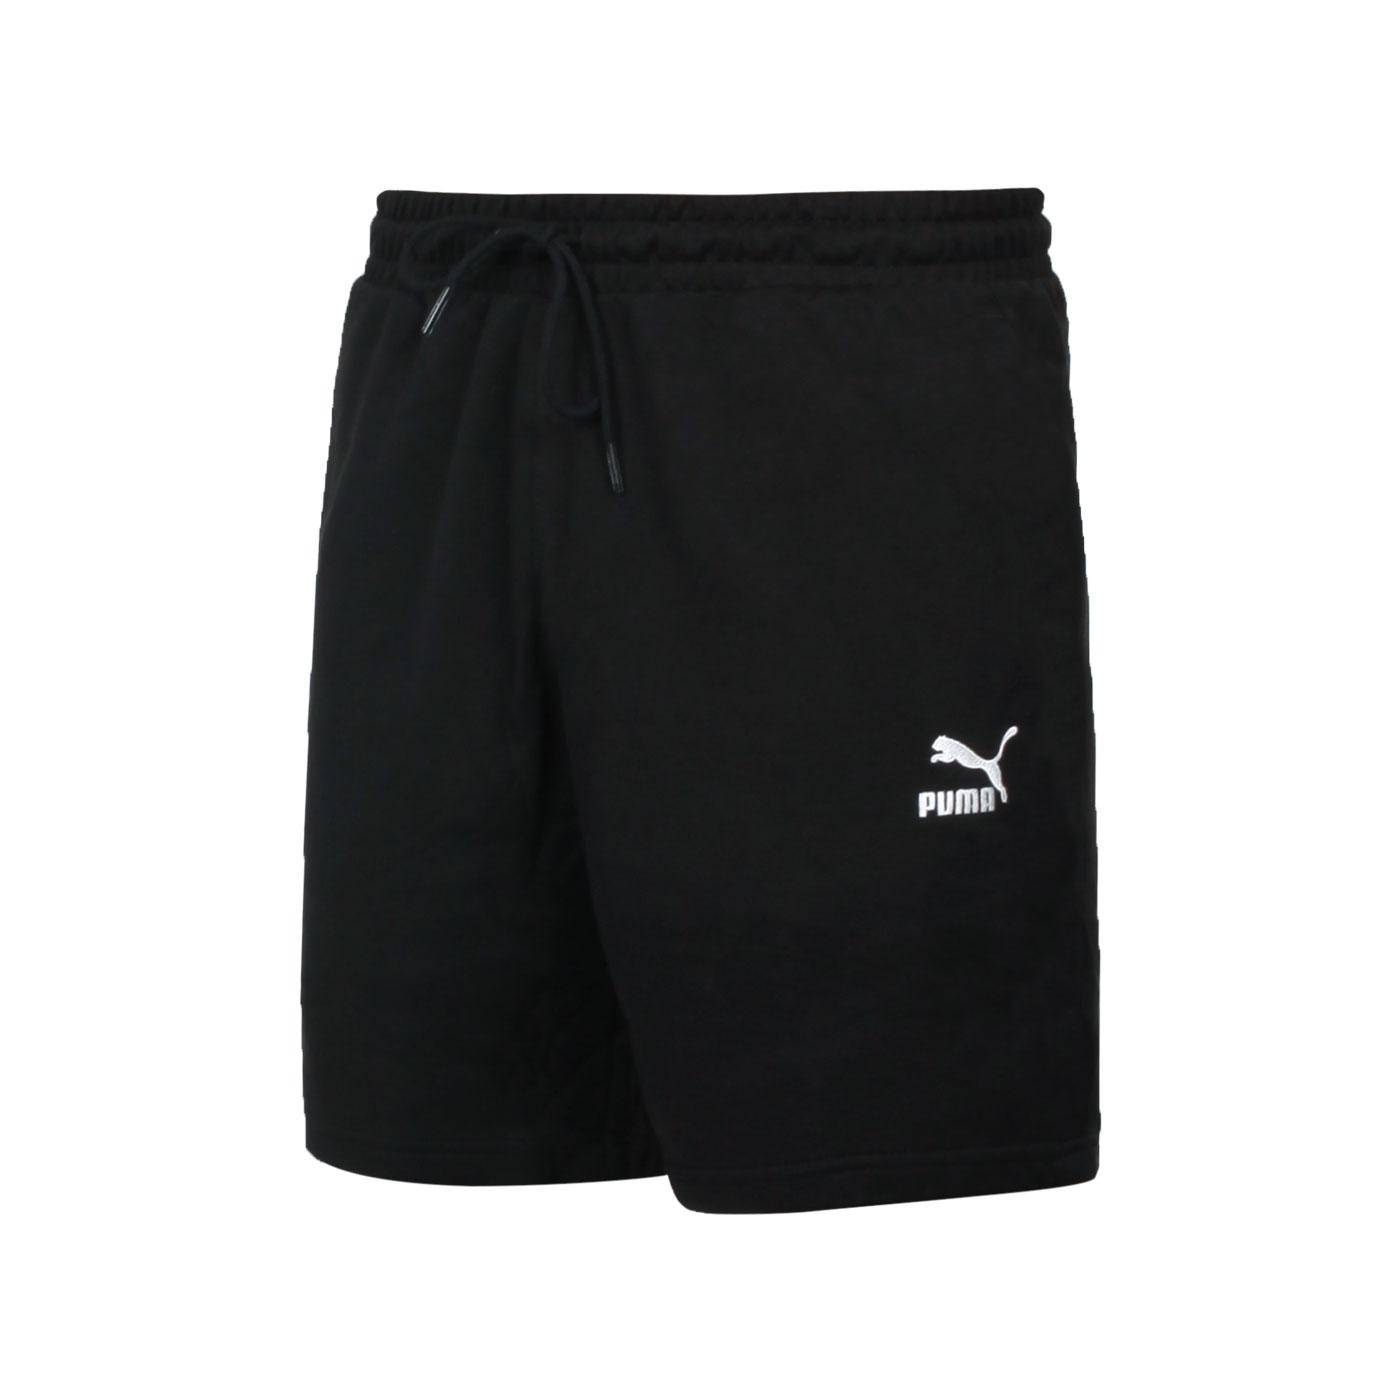 PUMA 男款8吋短褲 59981001 - 黑白